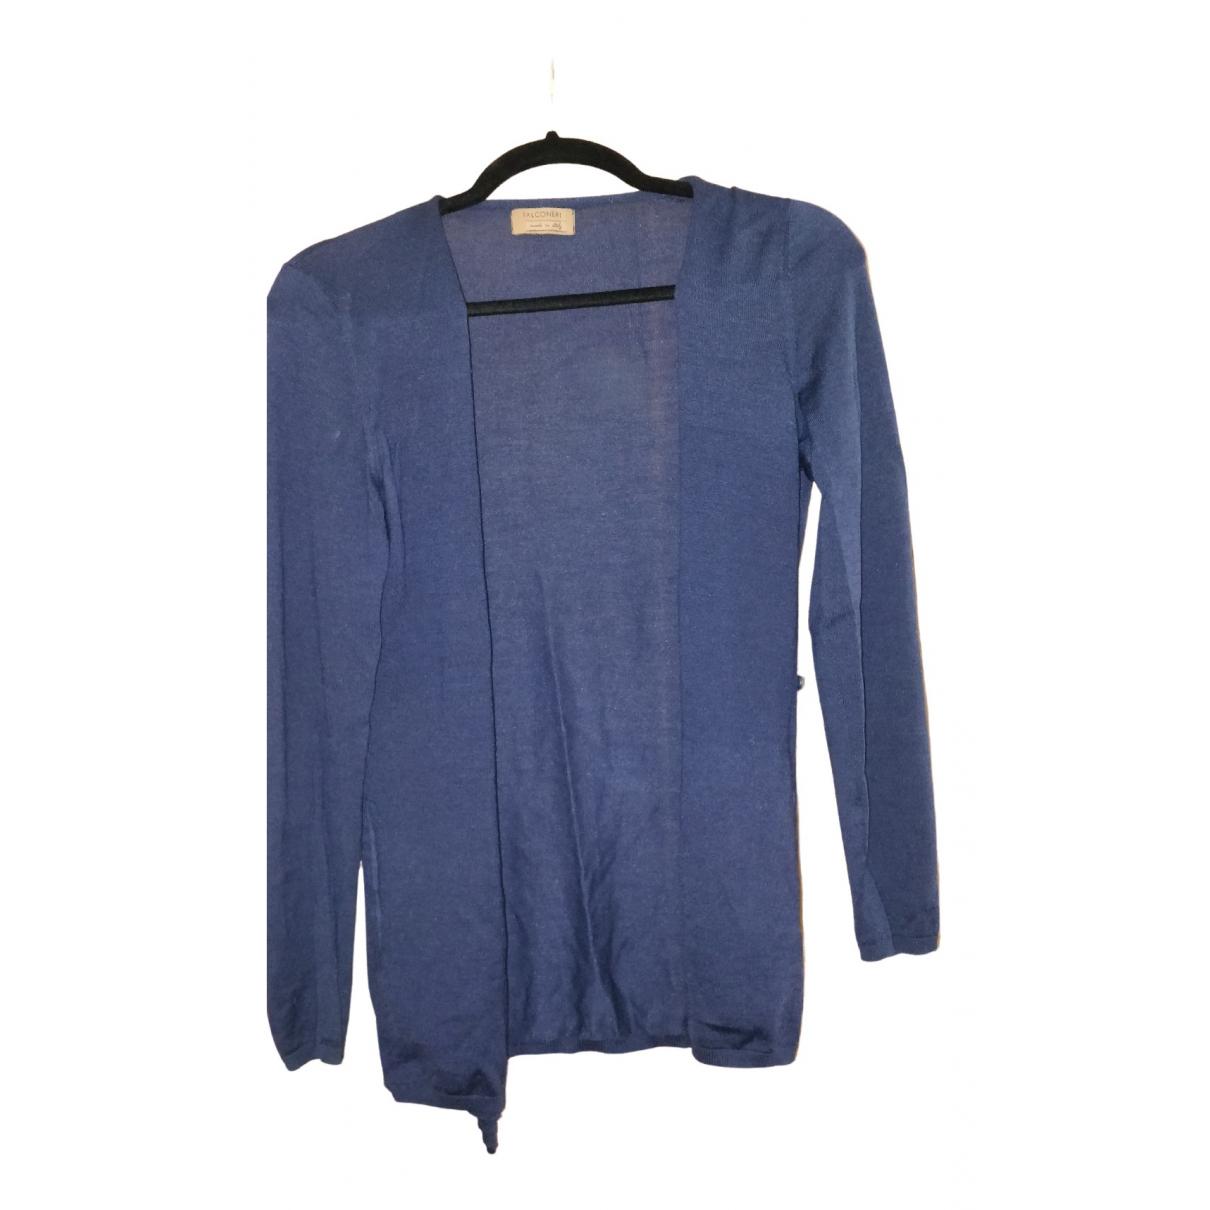 Falconeri N Blue Wool Knitwear for Women M International